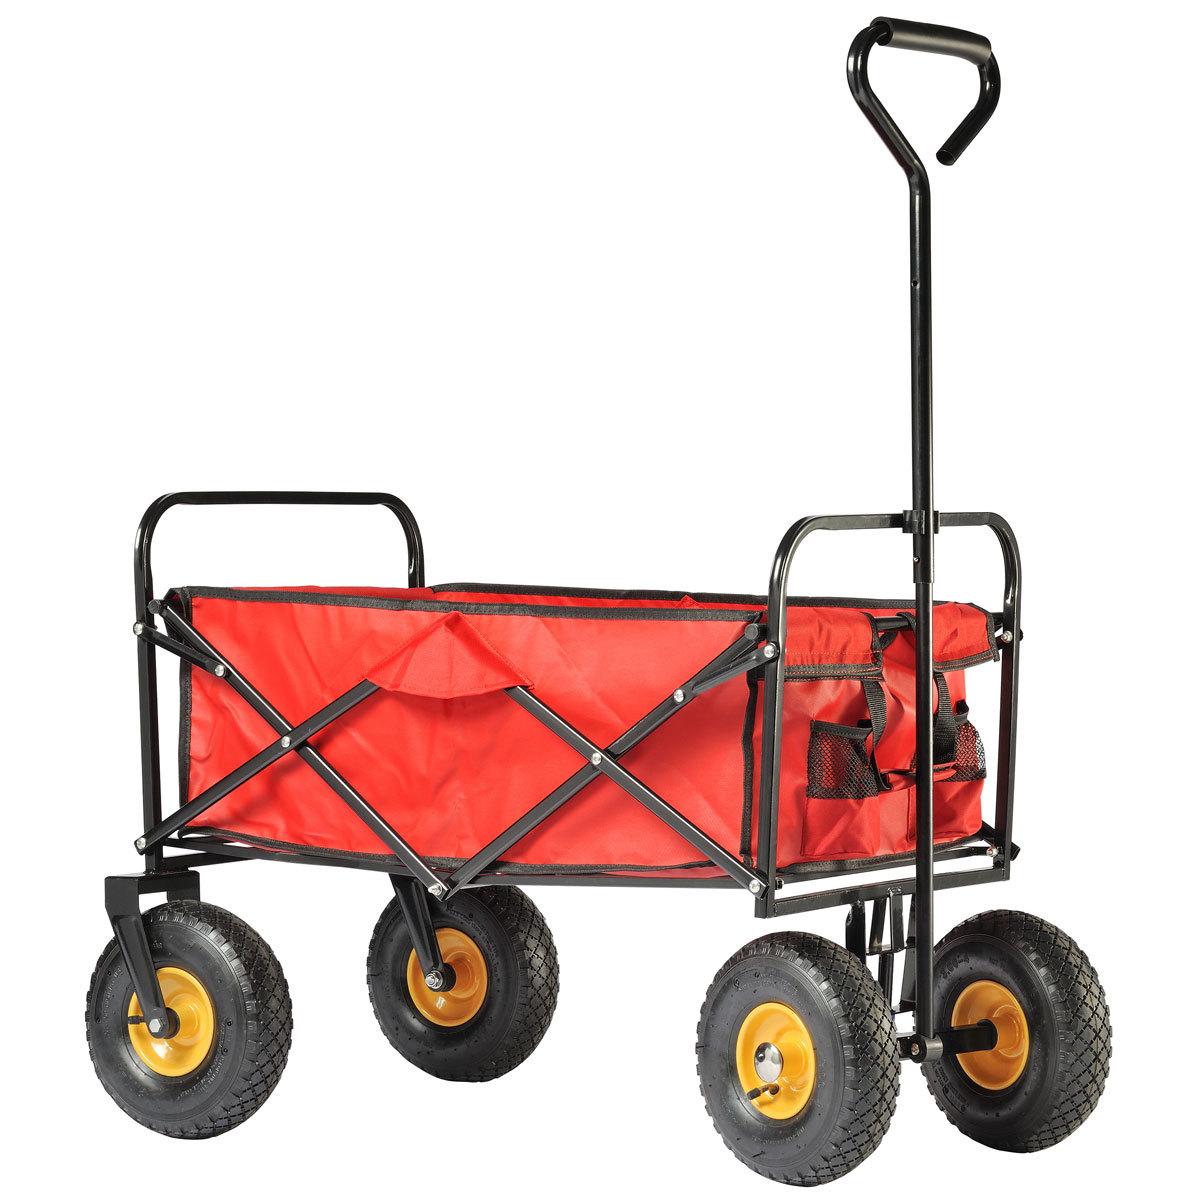 chariot de jardin pliable comparatif des meilleurs mod les pas cher. Black Bedroom Furniture Sets. Home Design Ideas